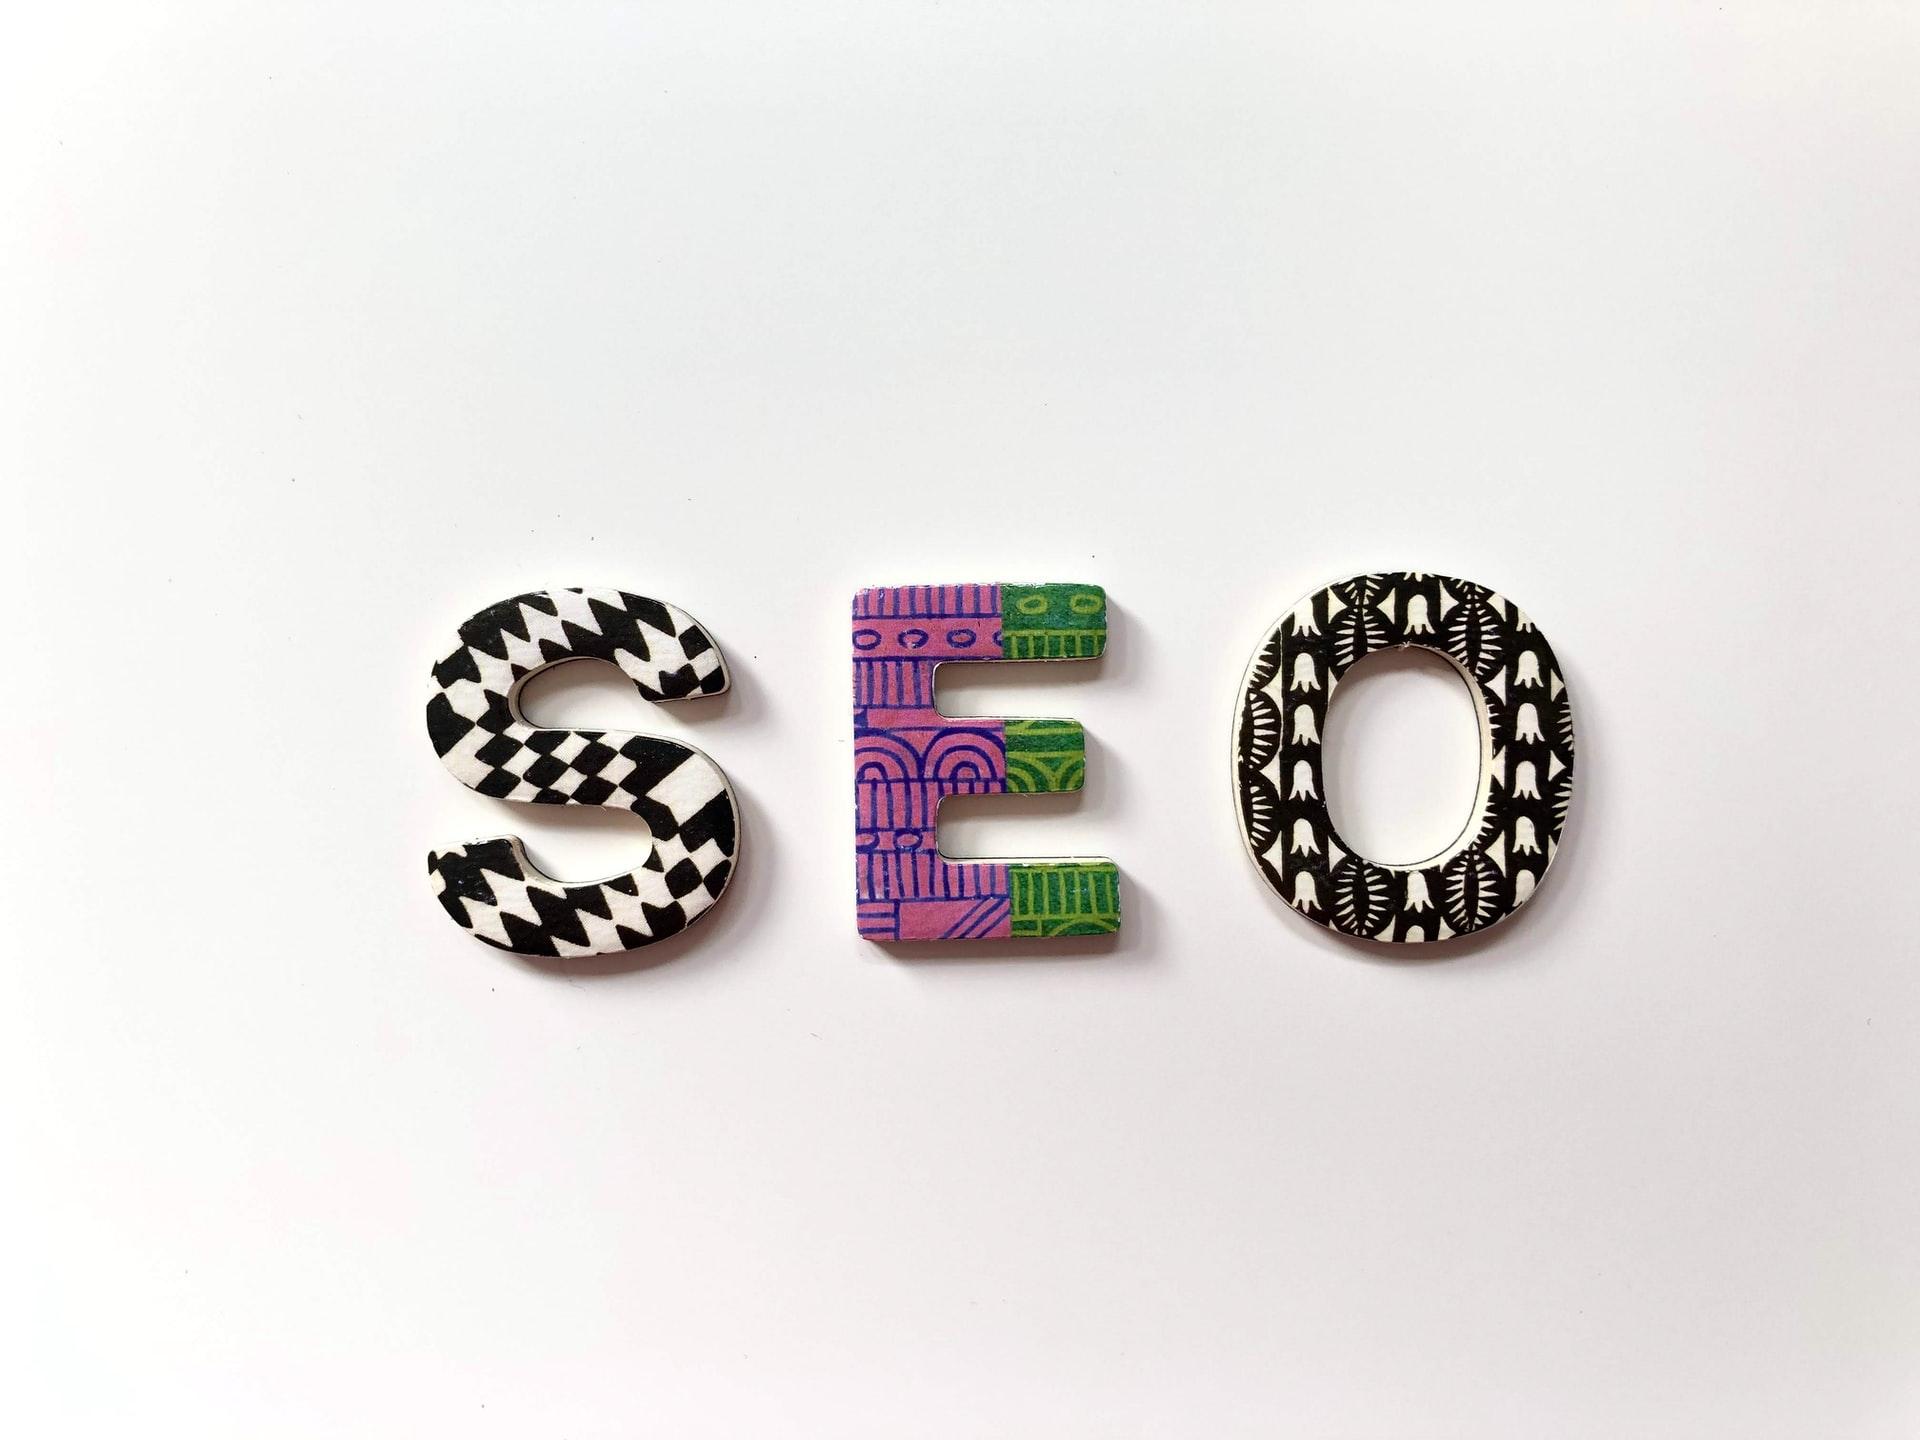 WixってSEO弱い?Google検索結果で上位を狙うSEO対策